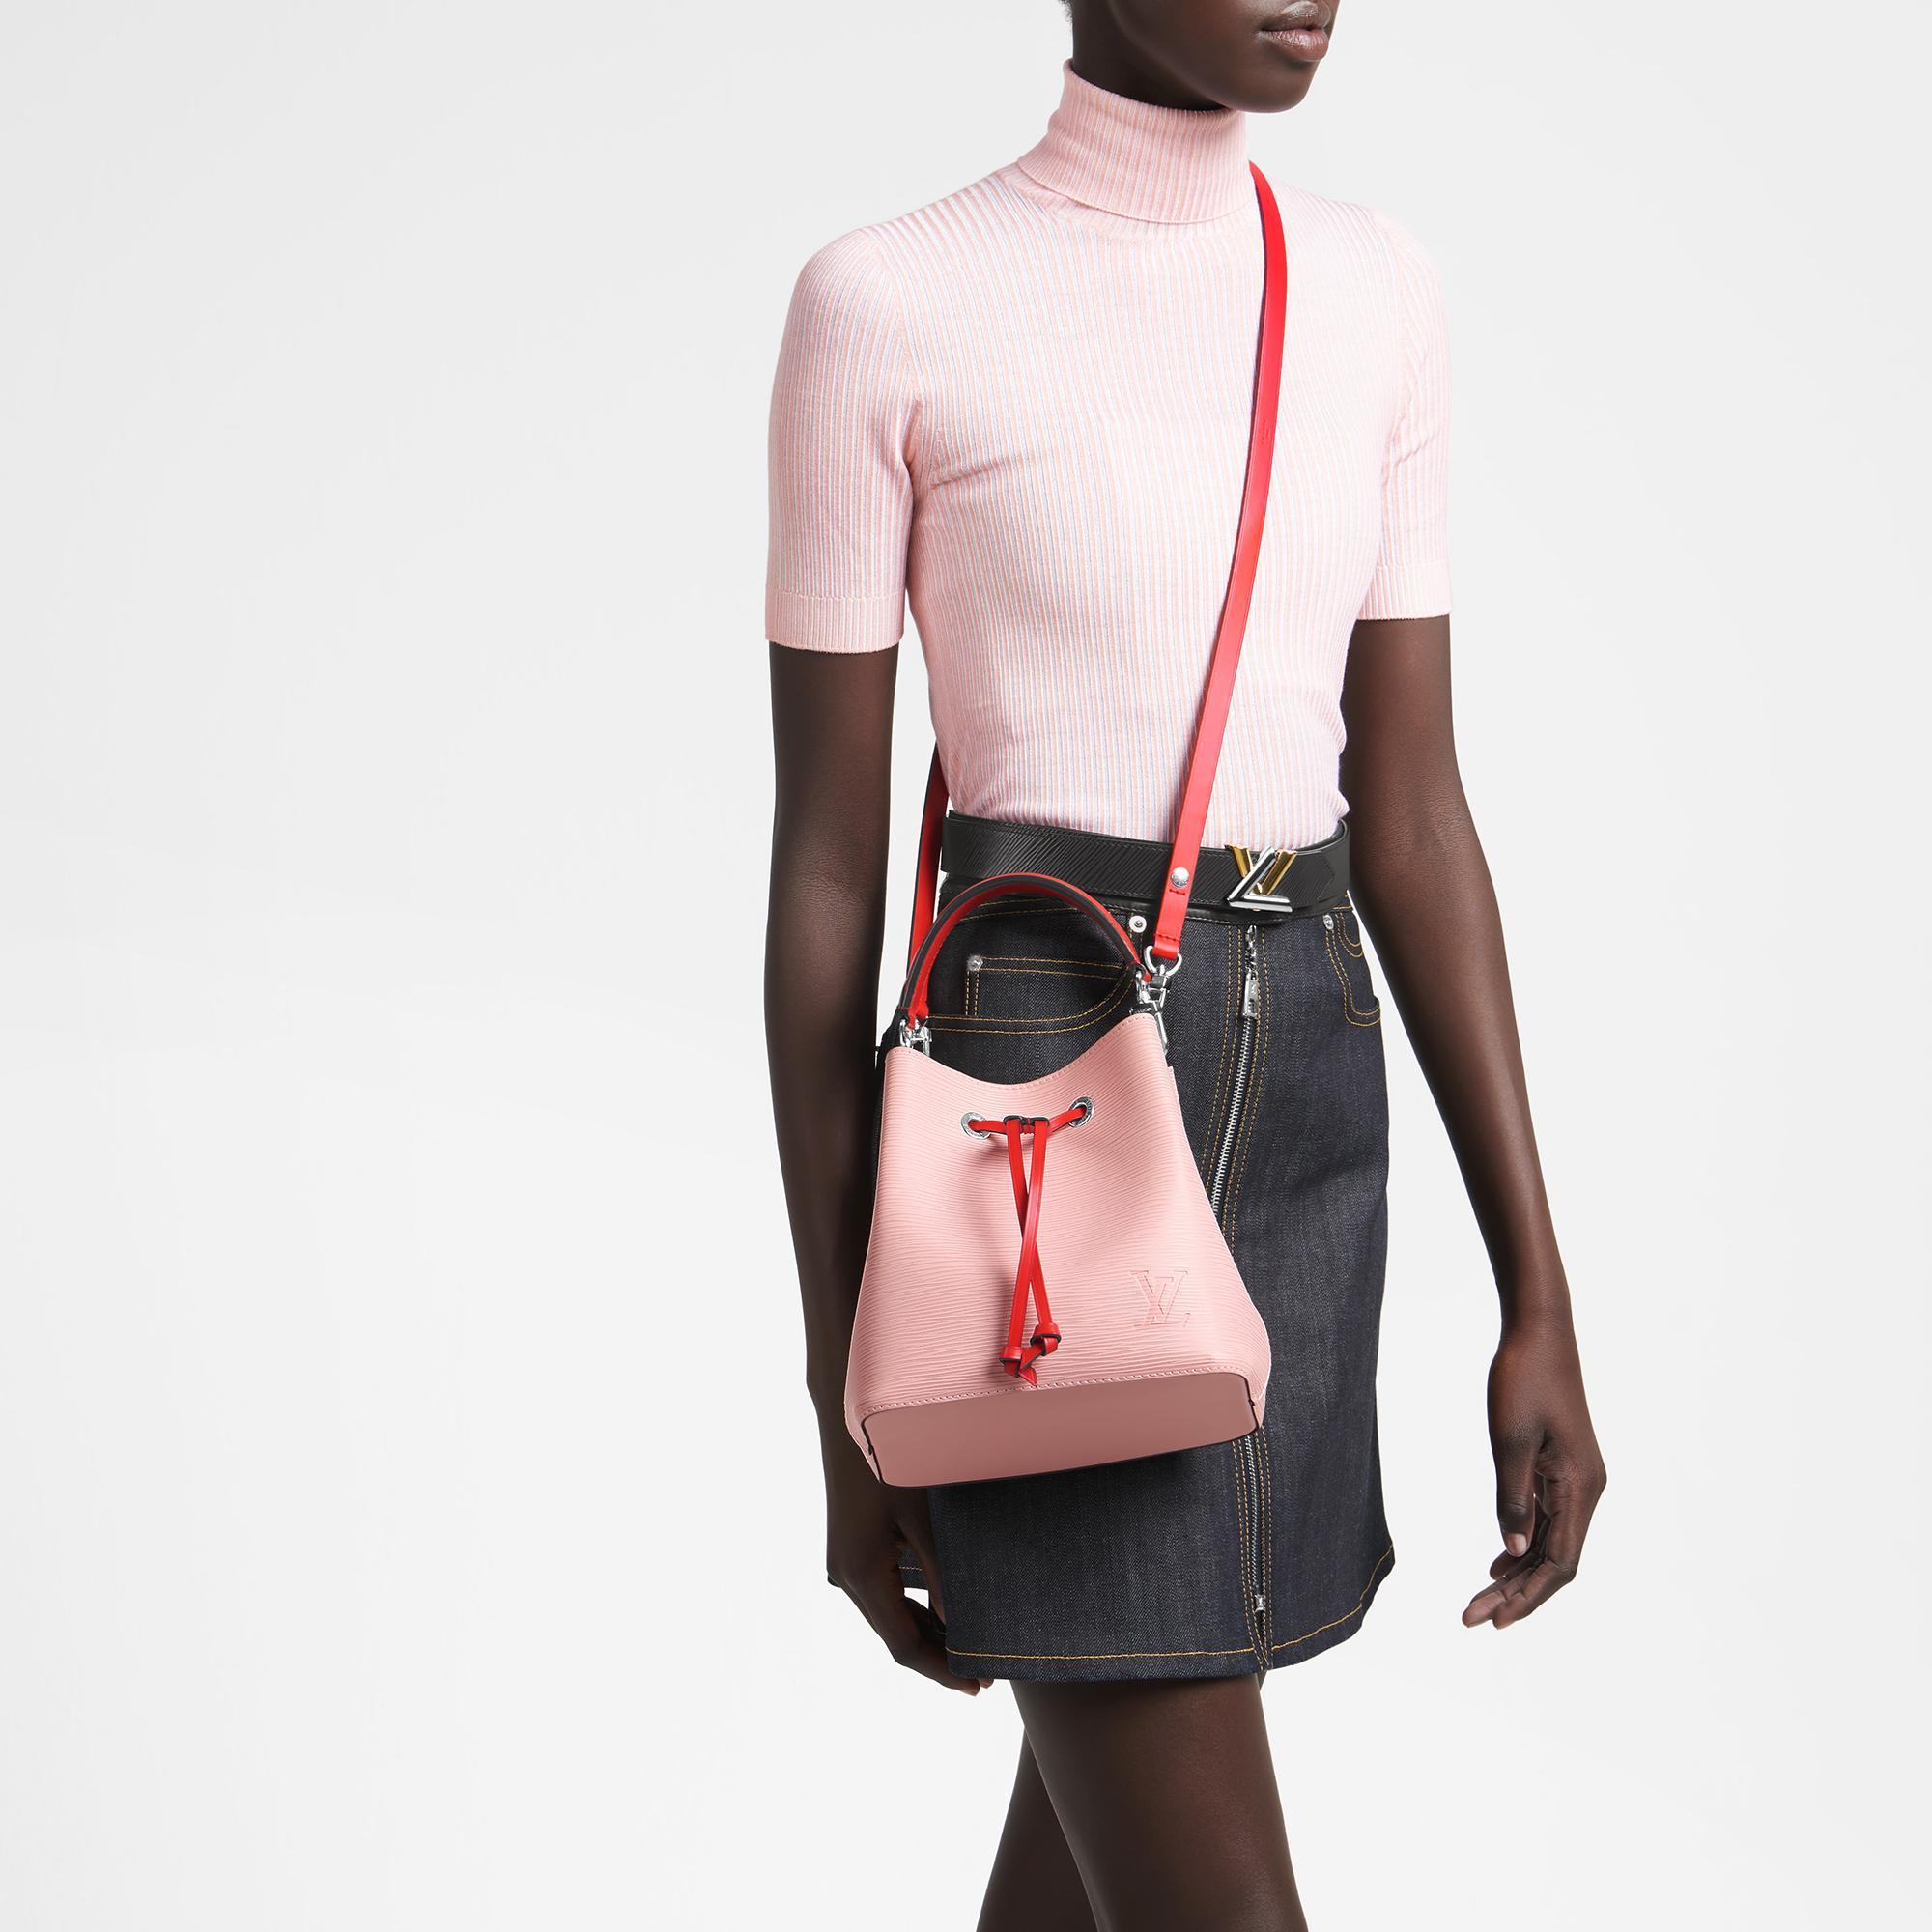 El modelo NéoNoé BB rememora el modelo original creado por Gaston Louis Vuitton en 1932.